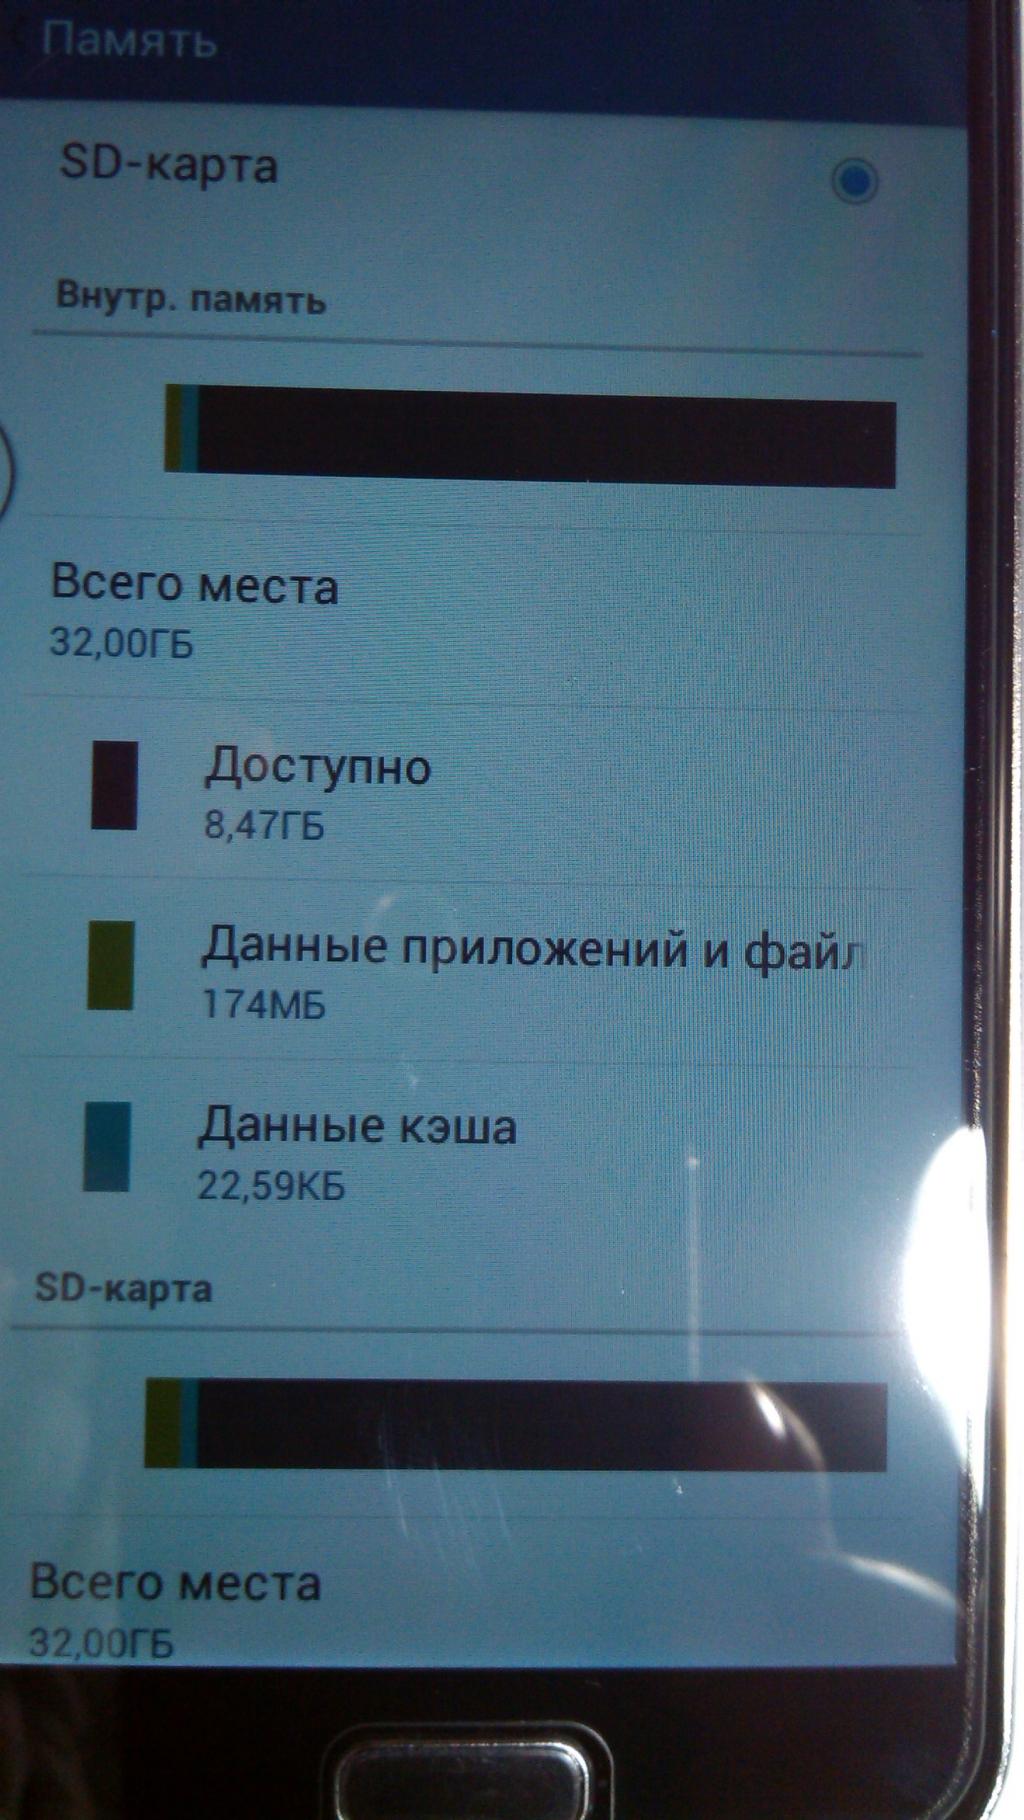 mobiphone.com.ua - НЕТ ИНСТРУКЦИИ,ГАРАНТИИ,ЗАРЯДНОГО УСТРОЙСТВА